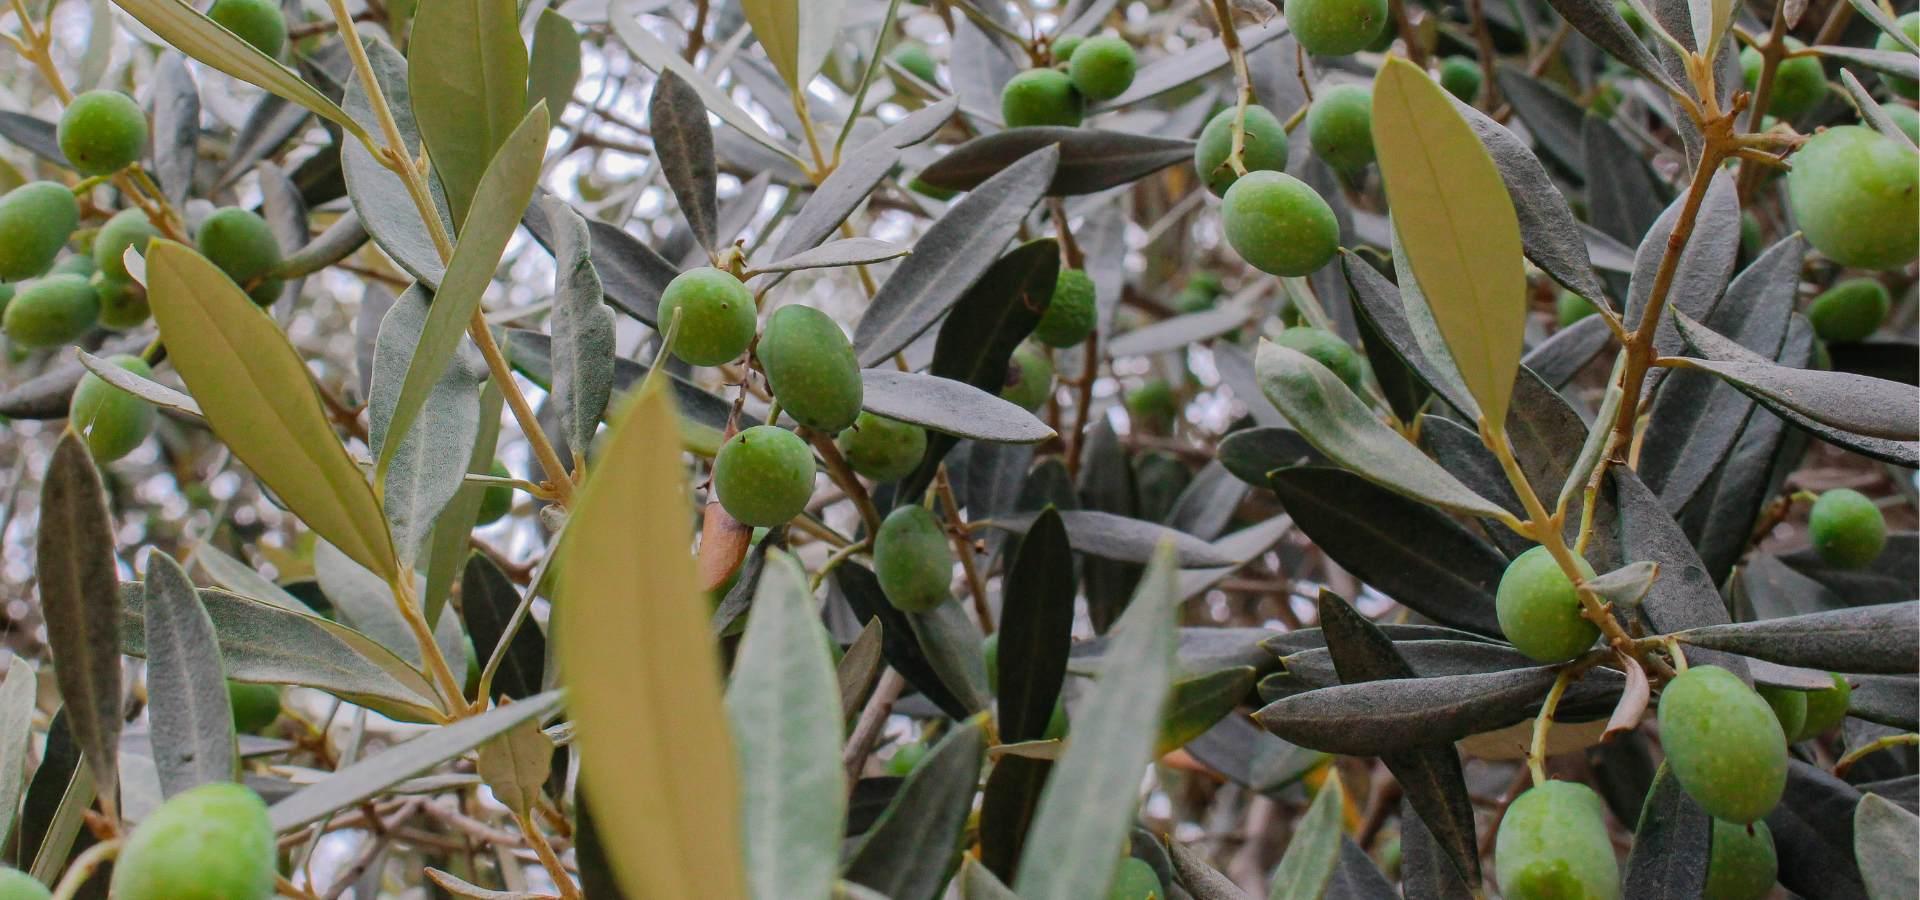 olives farga variety